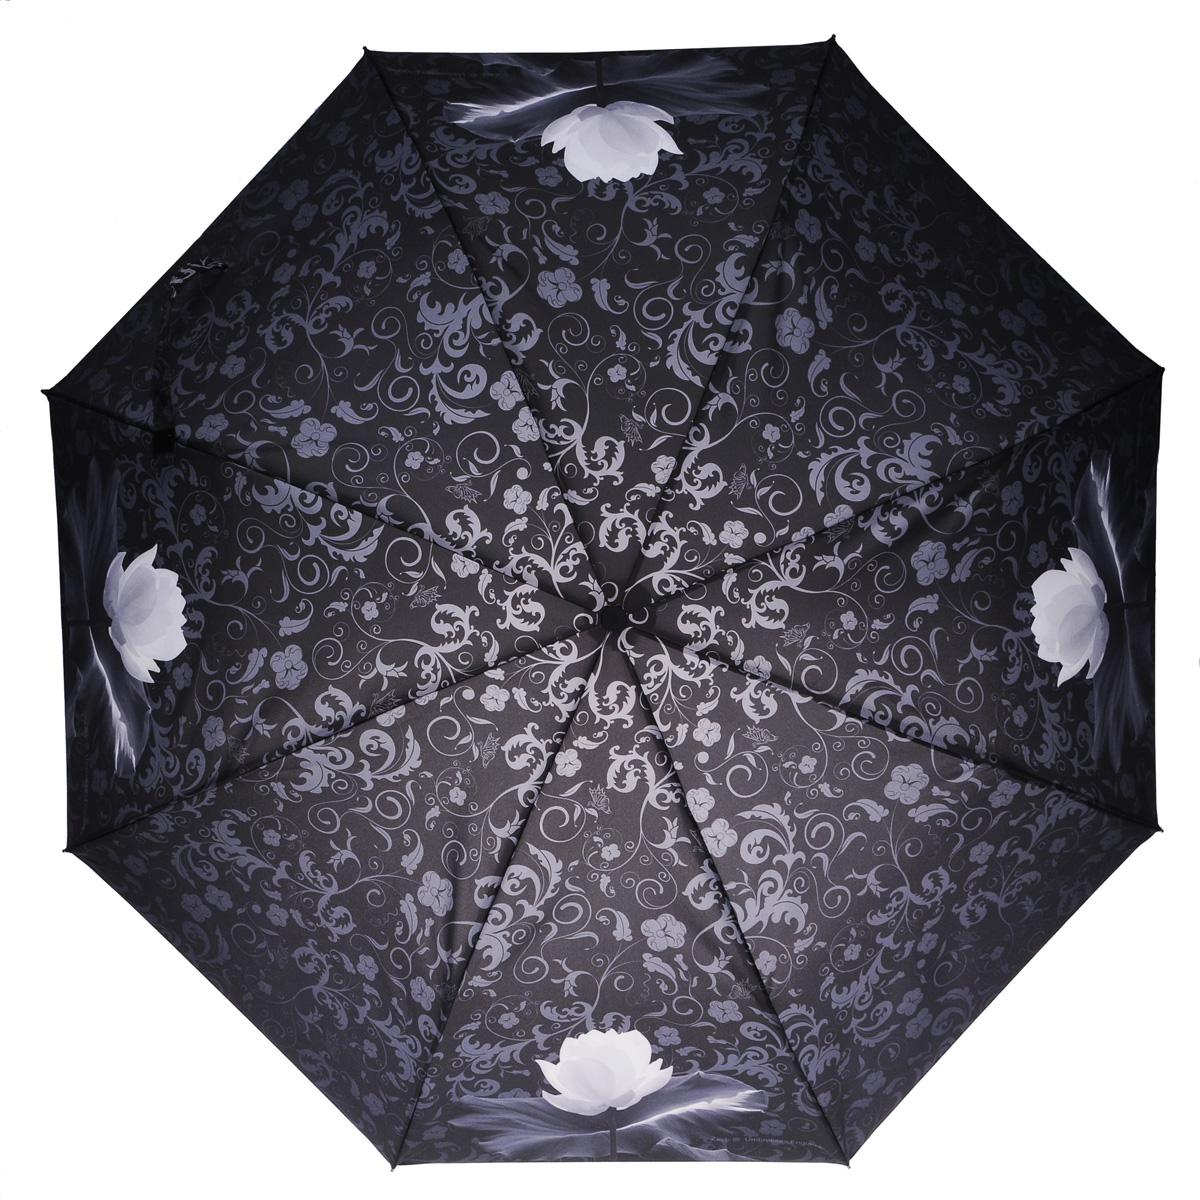 Зонт женский Zest, автомат, 3 сложения, цвет: черный. 23745-010823745-0108Элегантный автоматический зонт Zest в 3 сложения изготовлен из высокопрочных материалов. Каркас зонта состоит из 8 спиц из фибергласса и прочного алюминиевого стержня. Специальная система Windproof защищает его от поломок во время сильных порывов ветра. Купол зонта выполнен из прочного полиэстера с водоотталкивающей пропиткой и оформлен витиеватым растительным узором, а также изображением кувшинок. Используемые высококачественные красители обеспечивают длительное сохранение свойств ткани купола. Рукоятка, разработанная с учетом требований эргономики, выполнена из пластика. Зонт имеет полный автоматический механизм сложения: купол открывается и закрывается нажатием кнопки на рукоятке, стержень складывается вручную до характерного щелчка. Благодаря этому открыть и закрыть зонт можно одной рукой, что чрезвычайно удобно при входе в транспорт или помещение. Небольшой шнурок, расположенный на рукоятке, позволяет надеть изделие на руку при необходимости. Модель закрывается при...